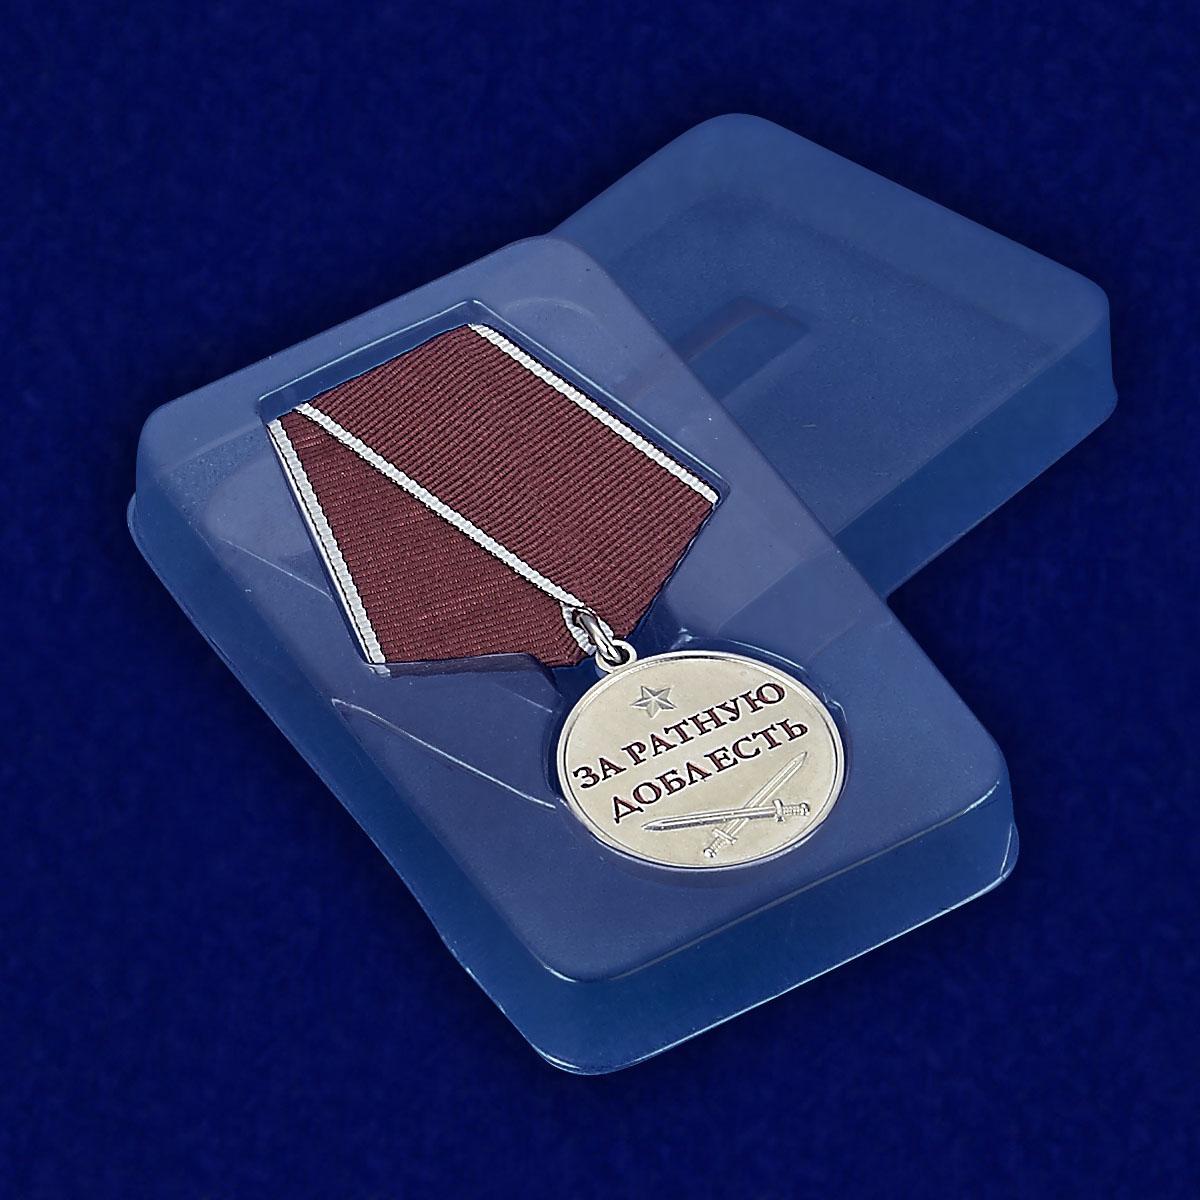 Общественная медаль За ратную доблесть - в пластиковом футляре